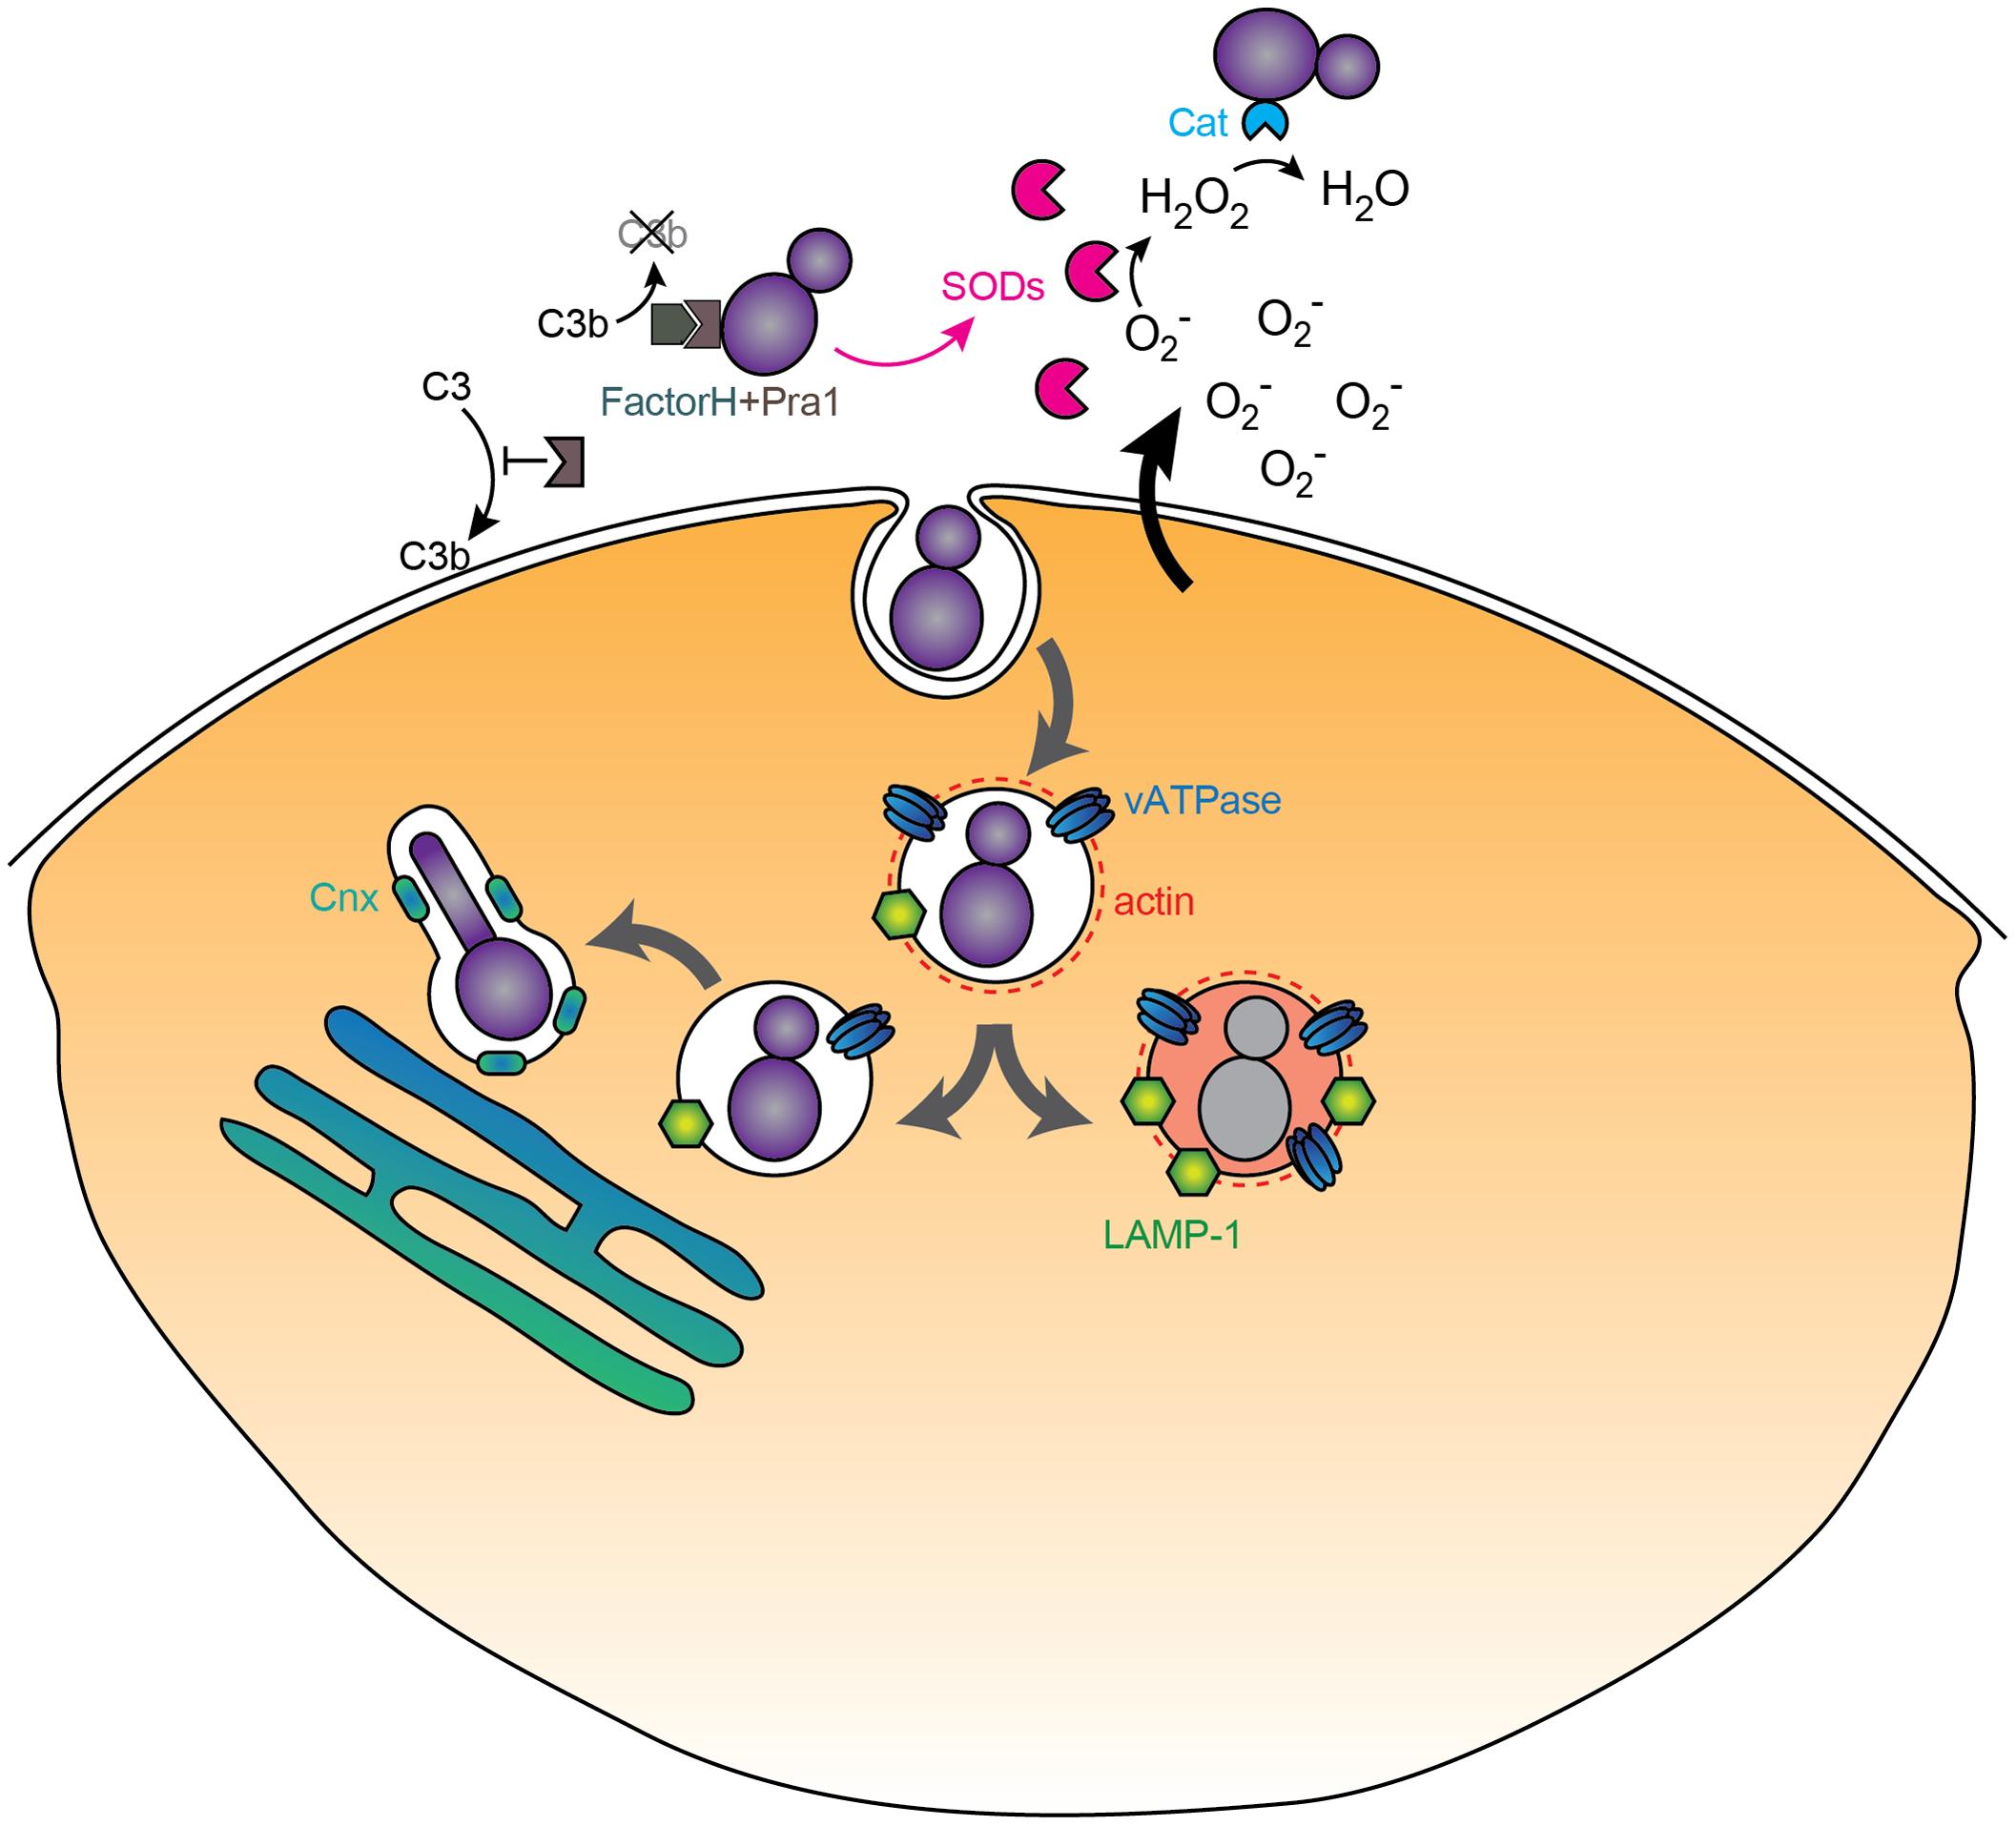 Immunomodulatory activities of <i>C. albicans</i>.